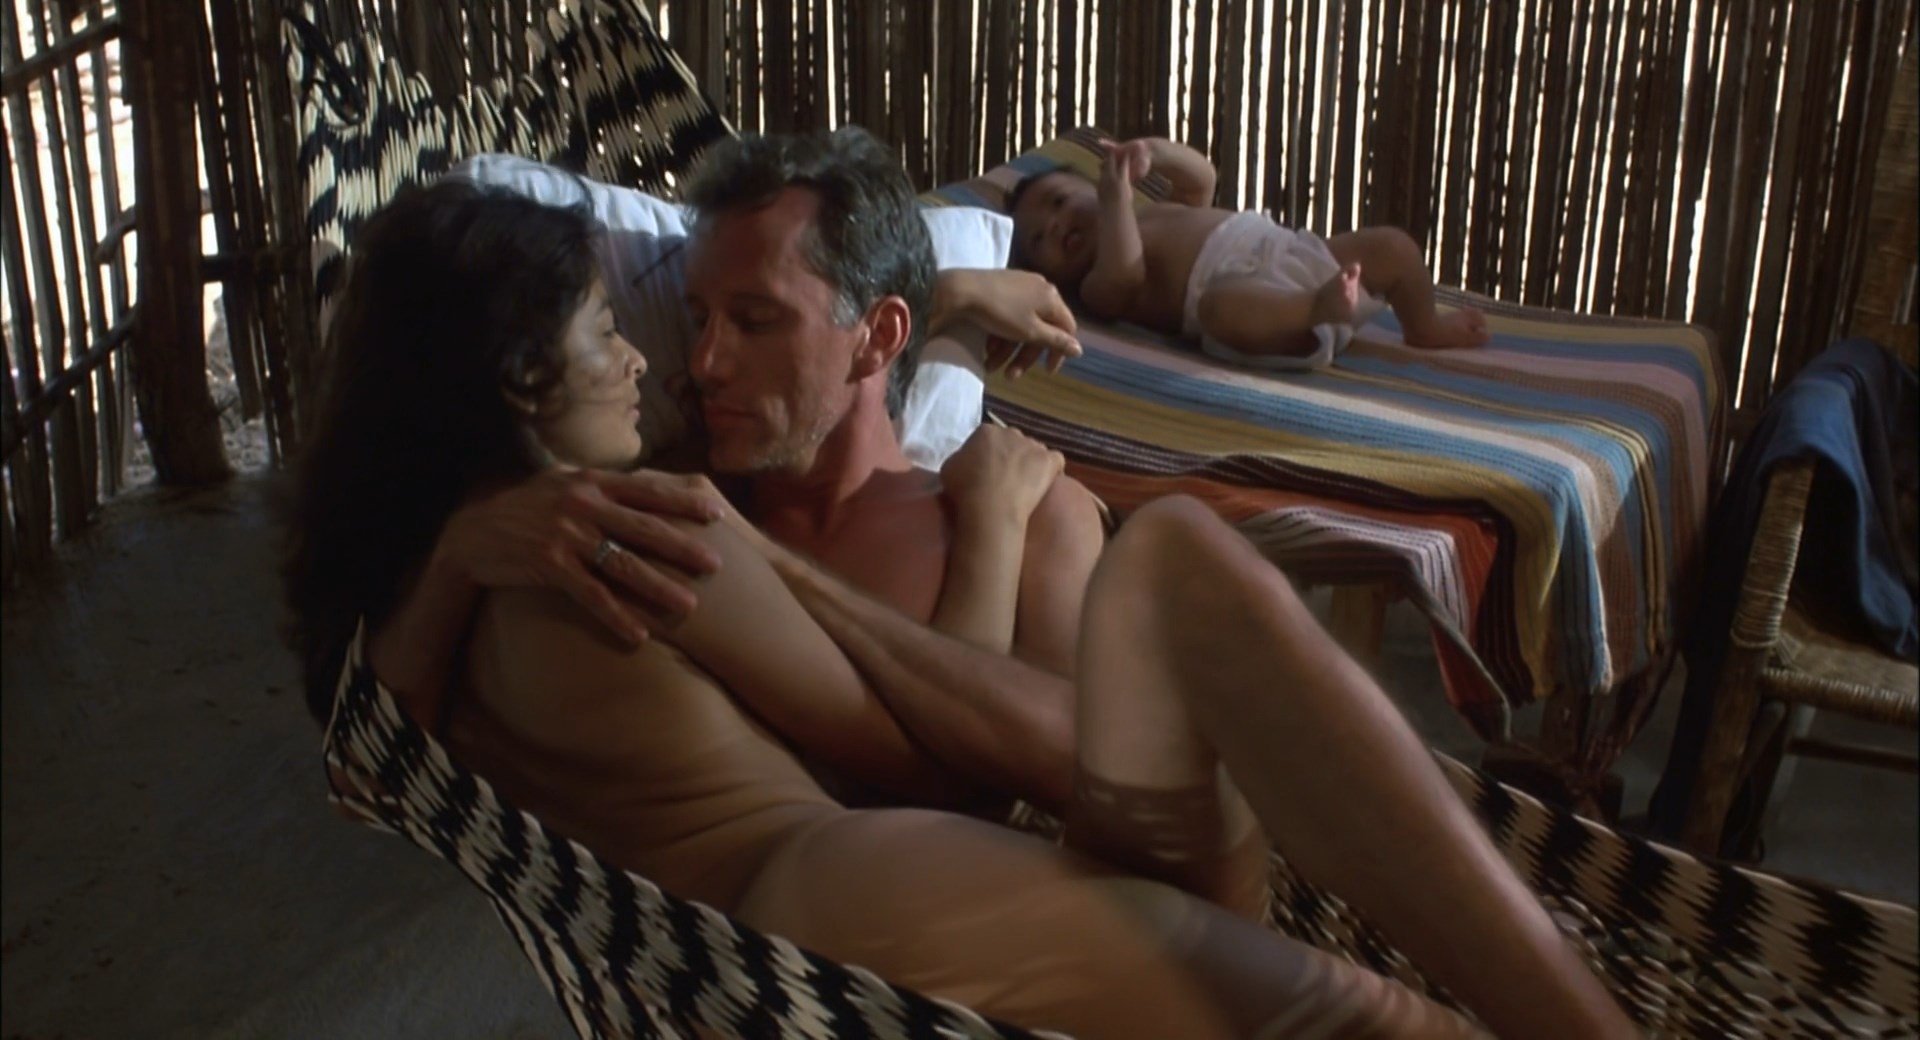 Cynthia gibb topless